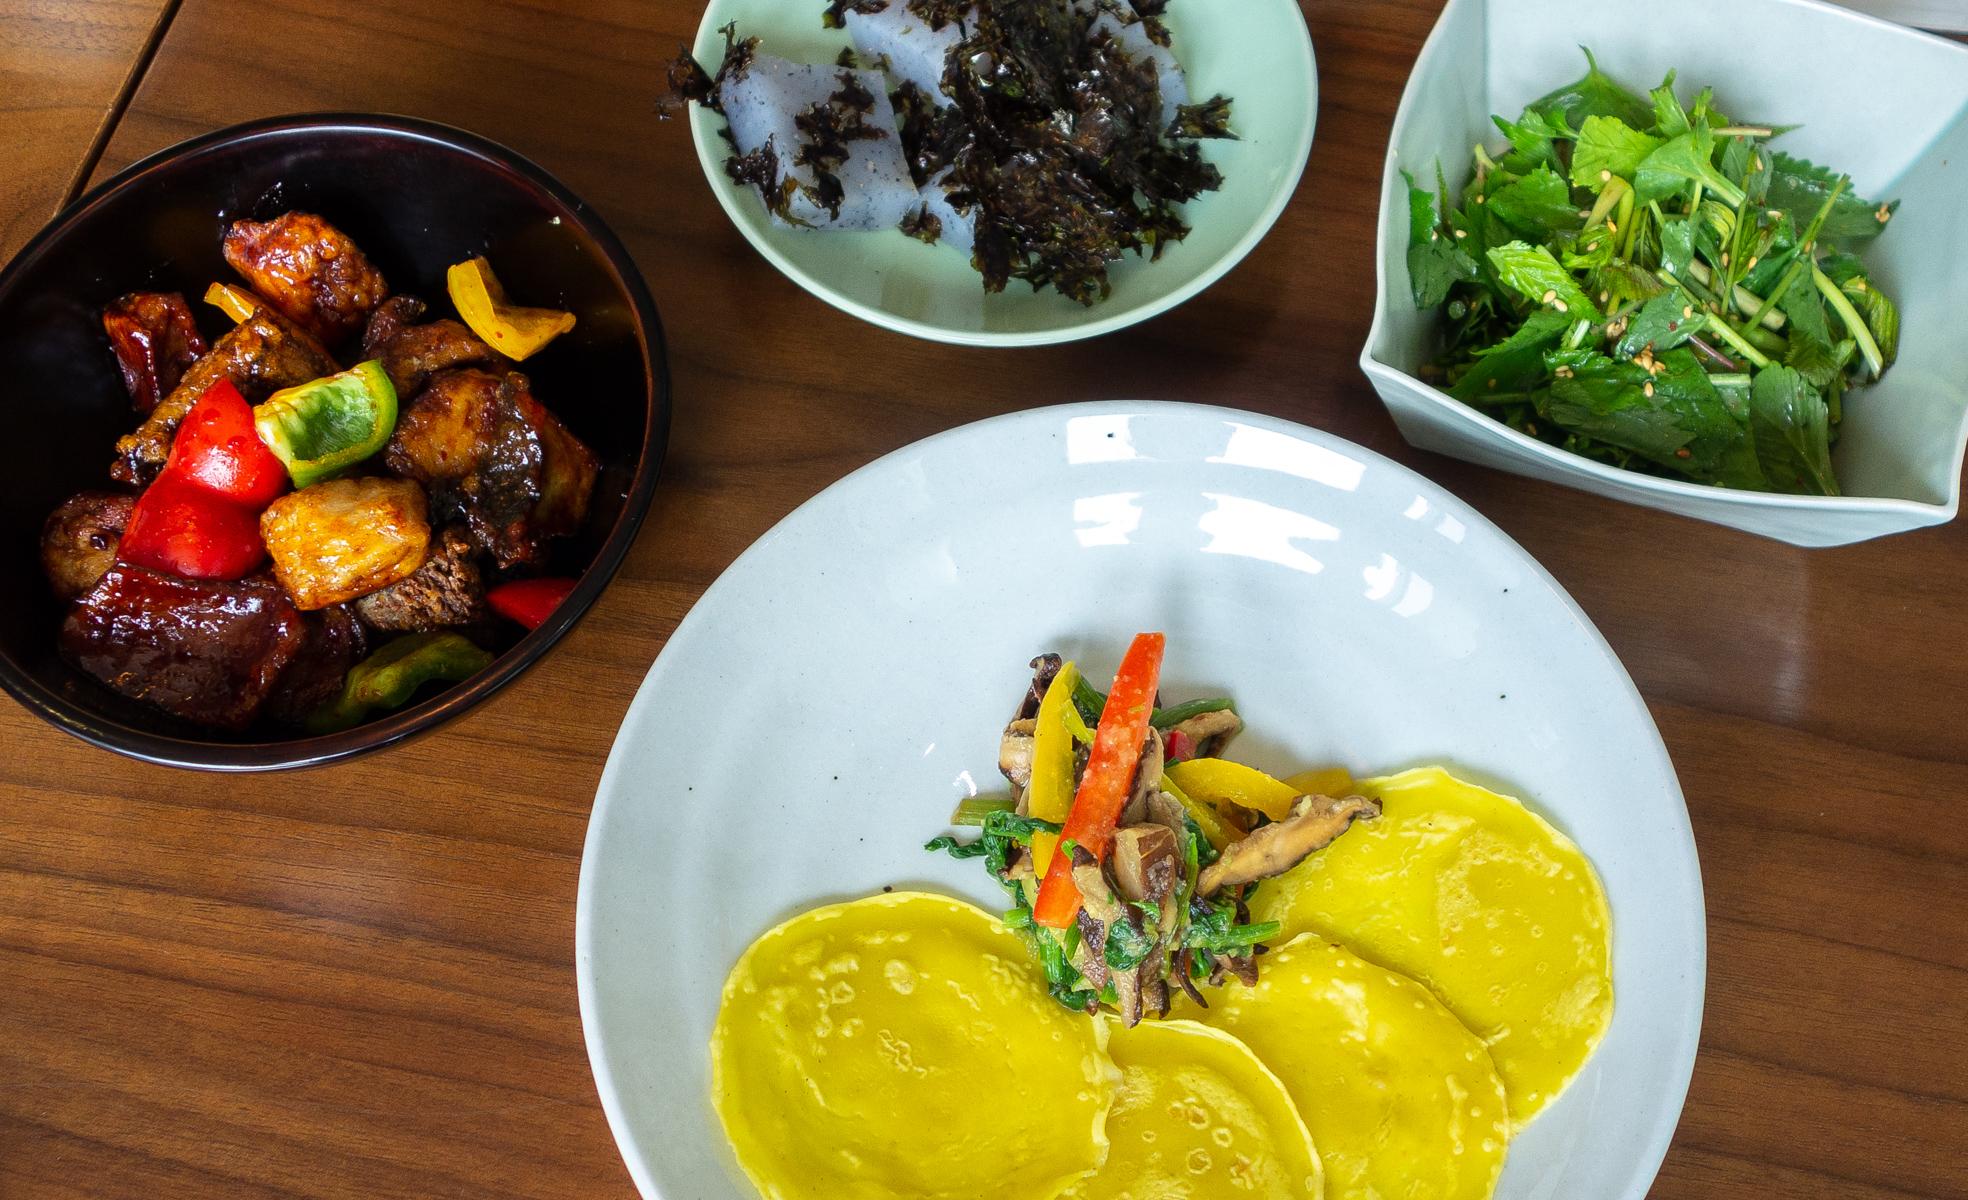 Champignons sautés à la sauce aigre-douce, gelée d'haricots mungo, salade de pousses, légumes et champignons accompagnés de crêpes